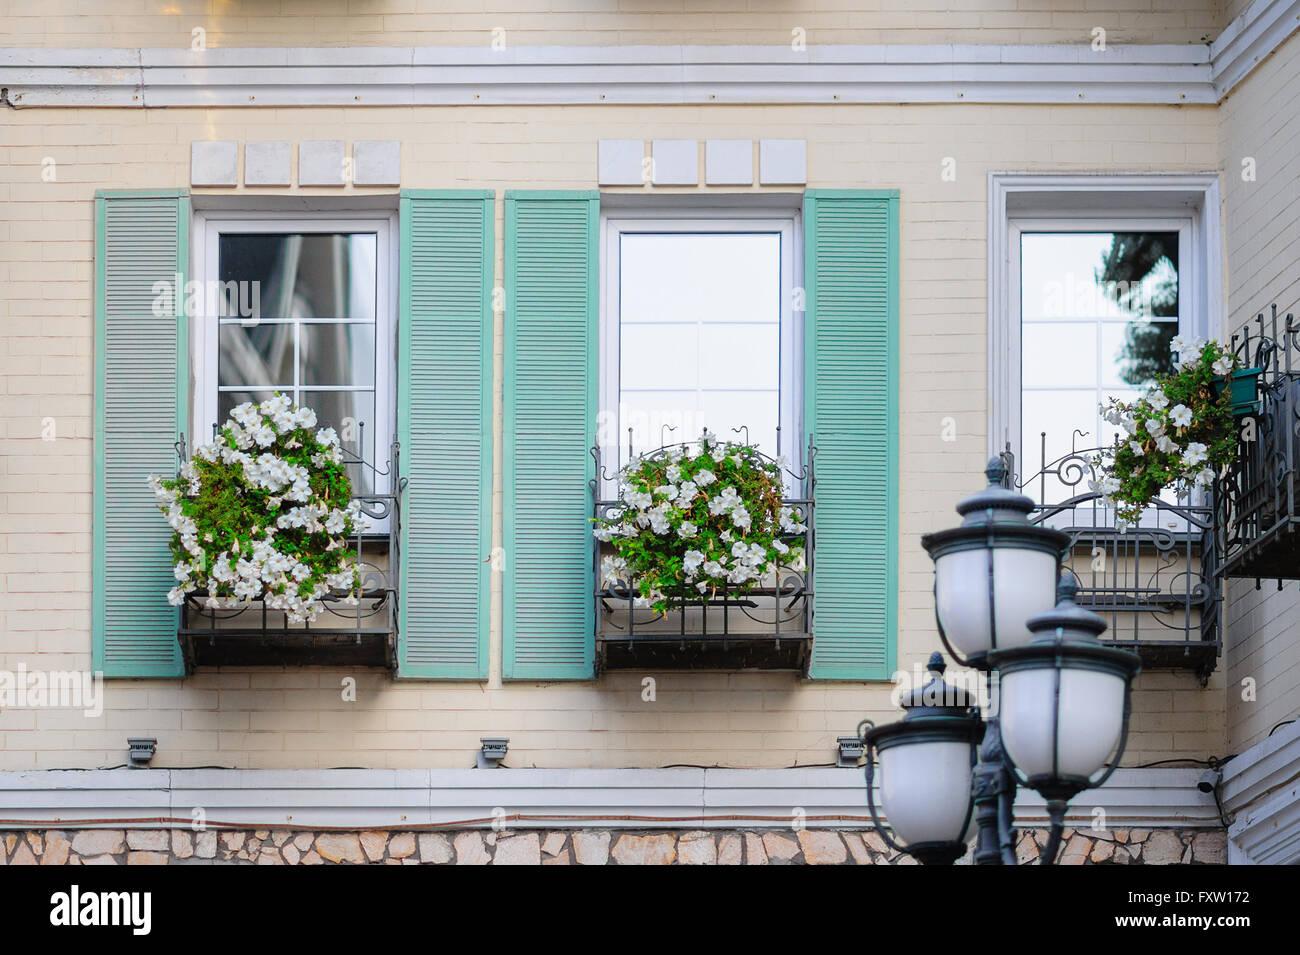 Weisse Blumen Auf Einem Balkon Vor Dem Fenster Stockfoto Bild